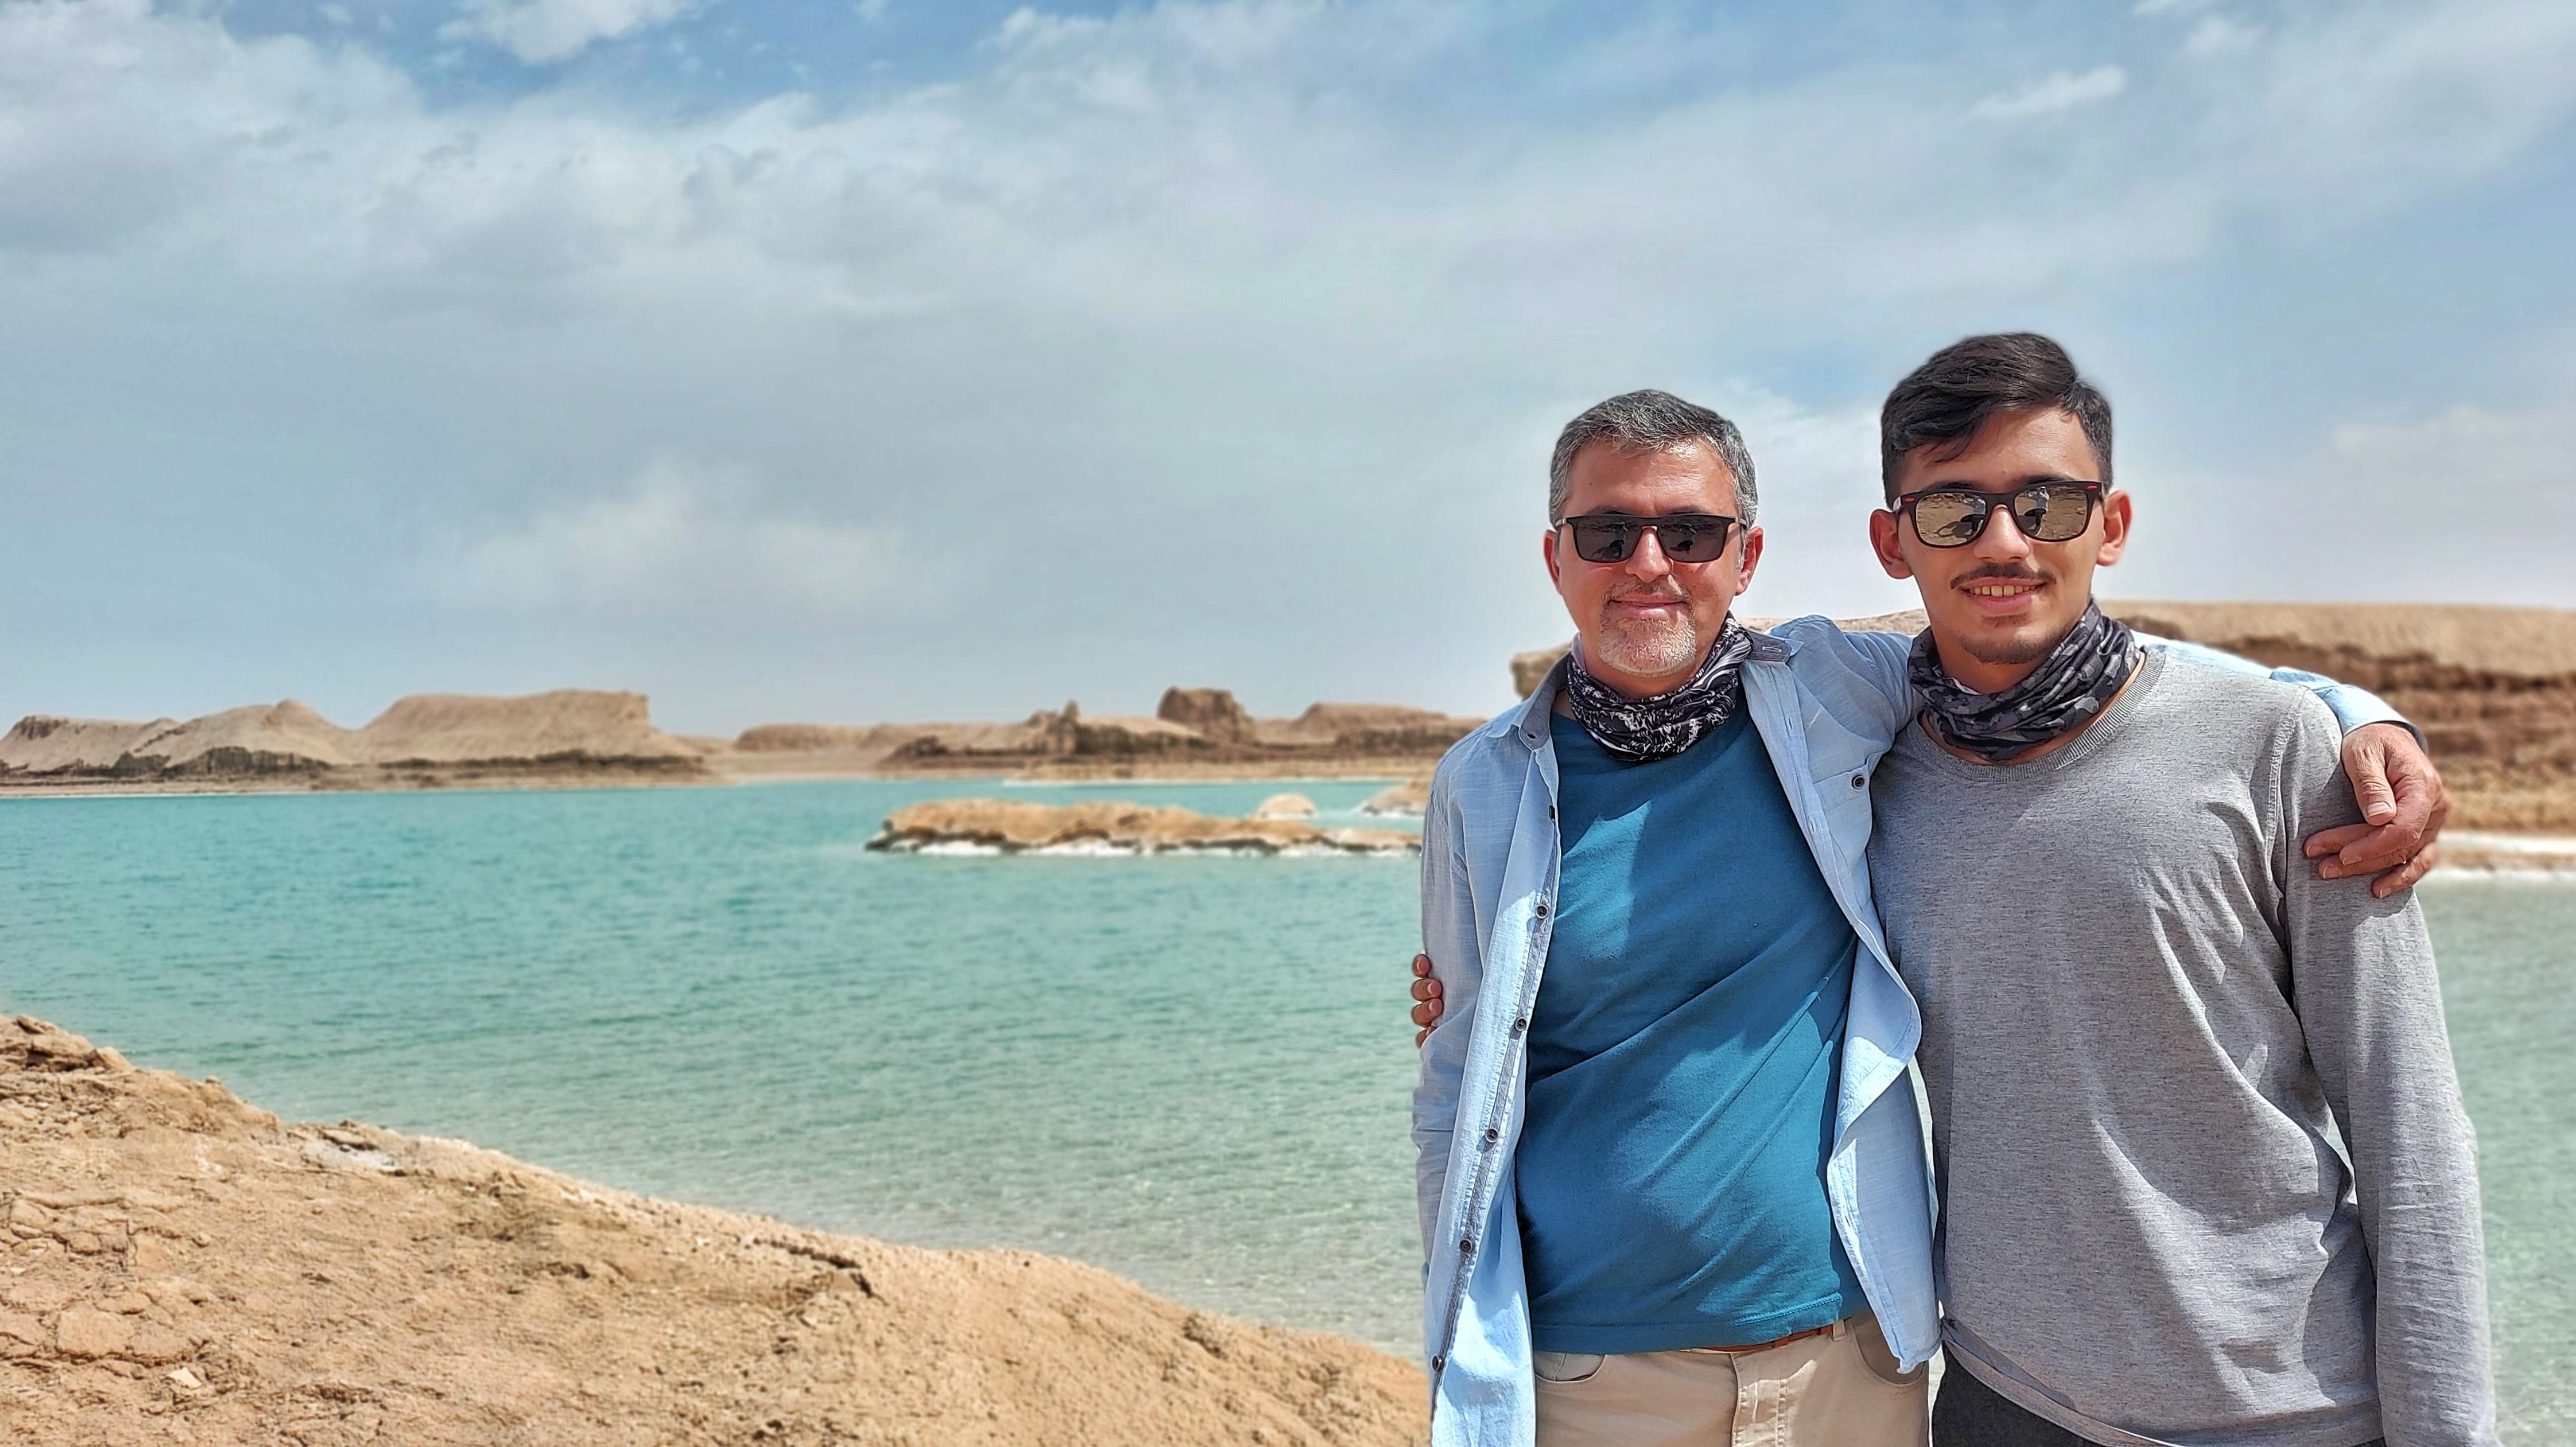 دریاچه کلوتها - اطراف شهداد - نوروز 1400